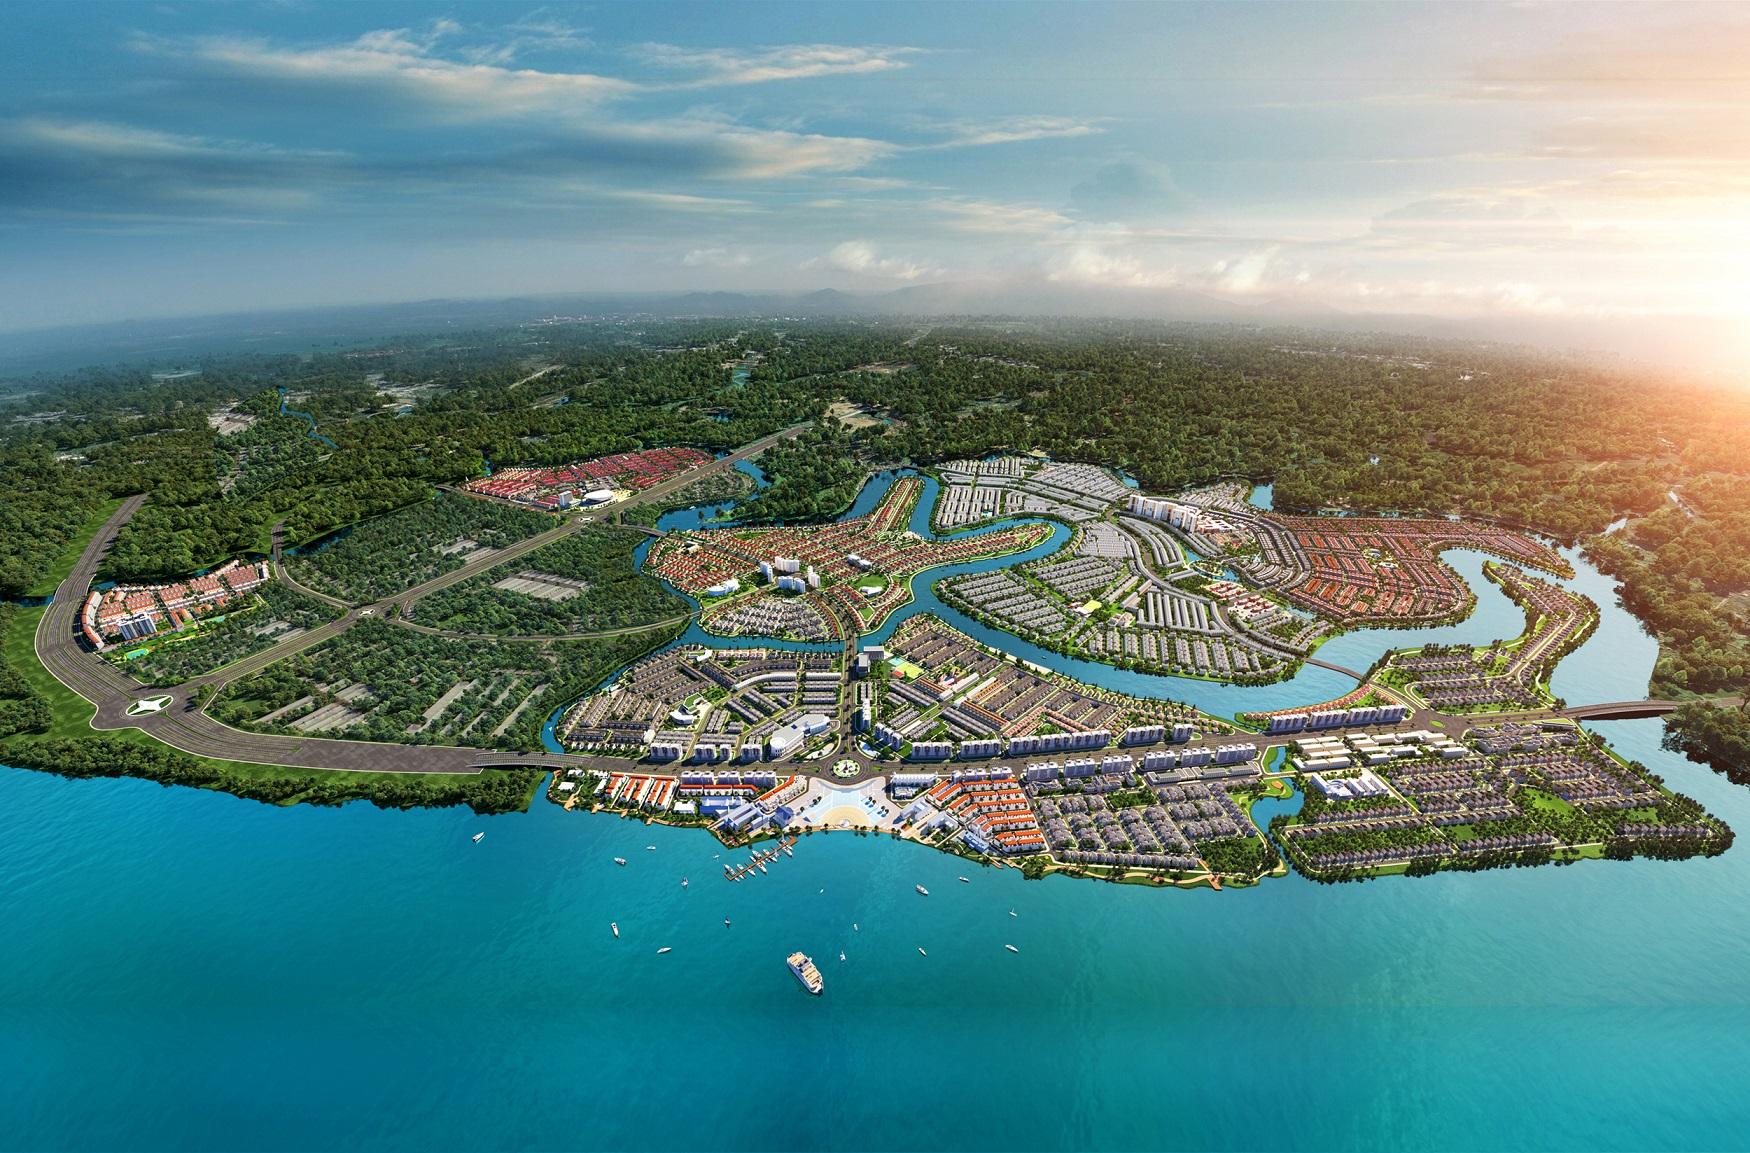 Các dự án có quy hoạch theo xu hướng bất động sản tích hợp và bền vững hứa hẹn dẫn dắt thị trường năm 2021. Ảnh phối cảnh dự án Aqua City: Novaland.